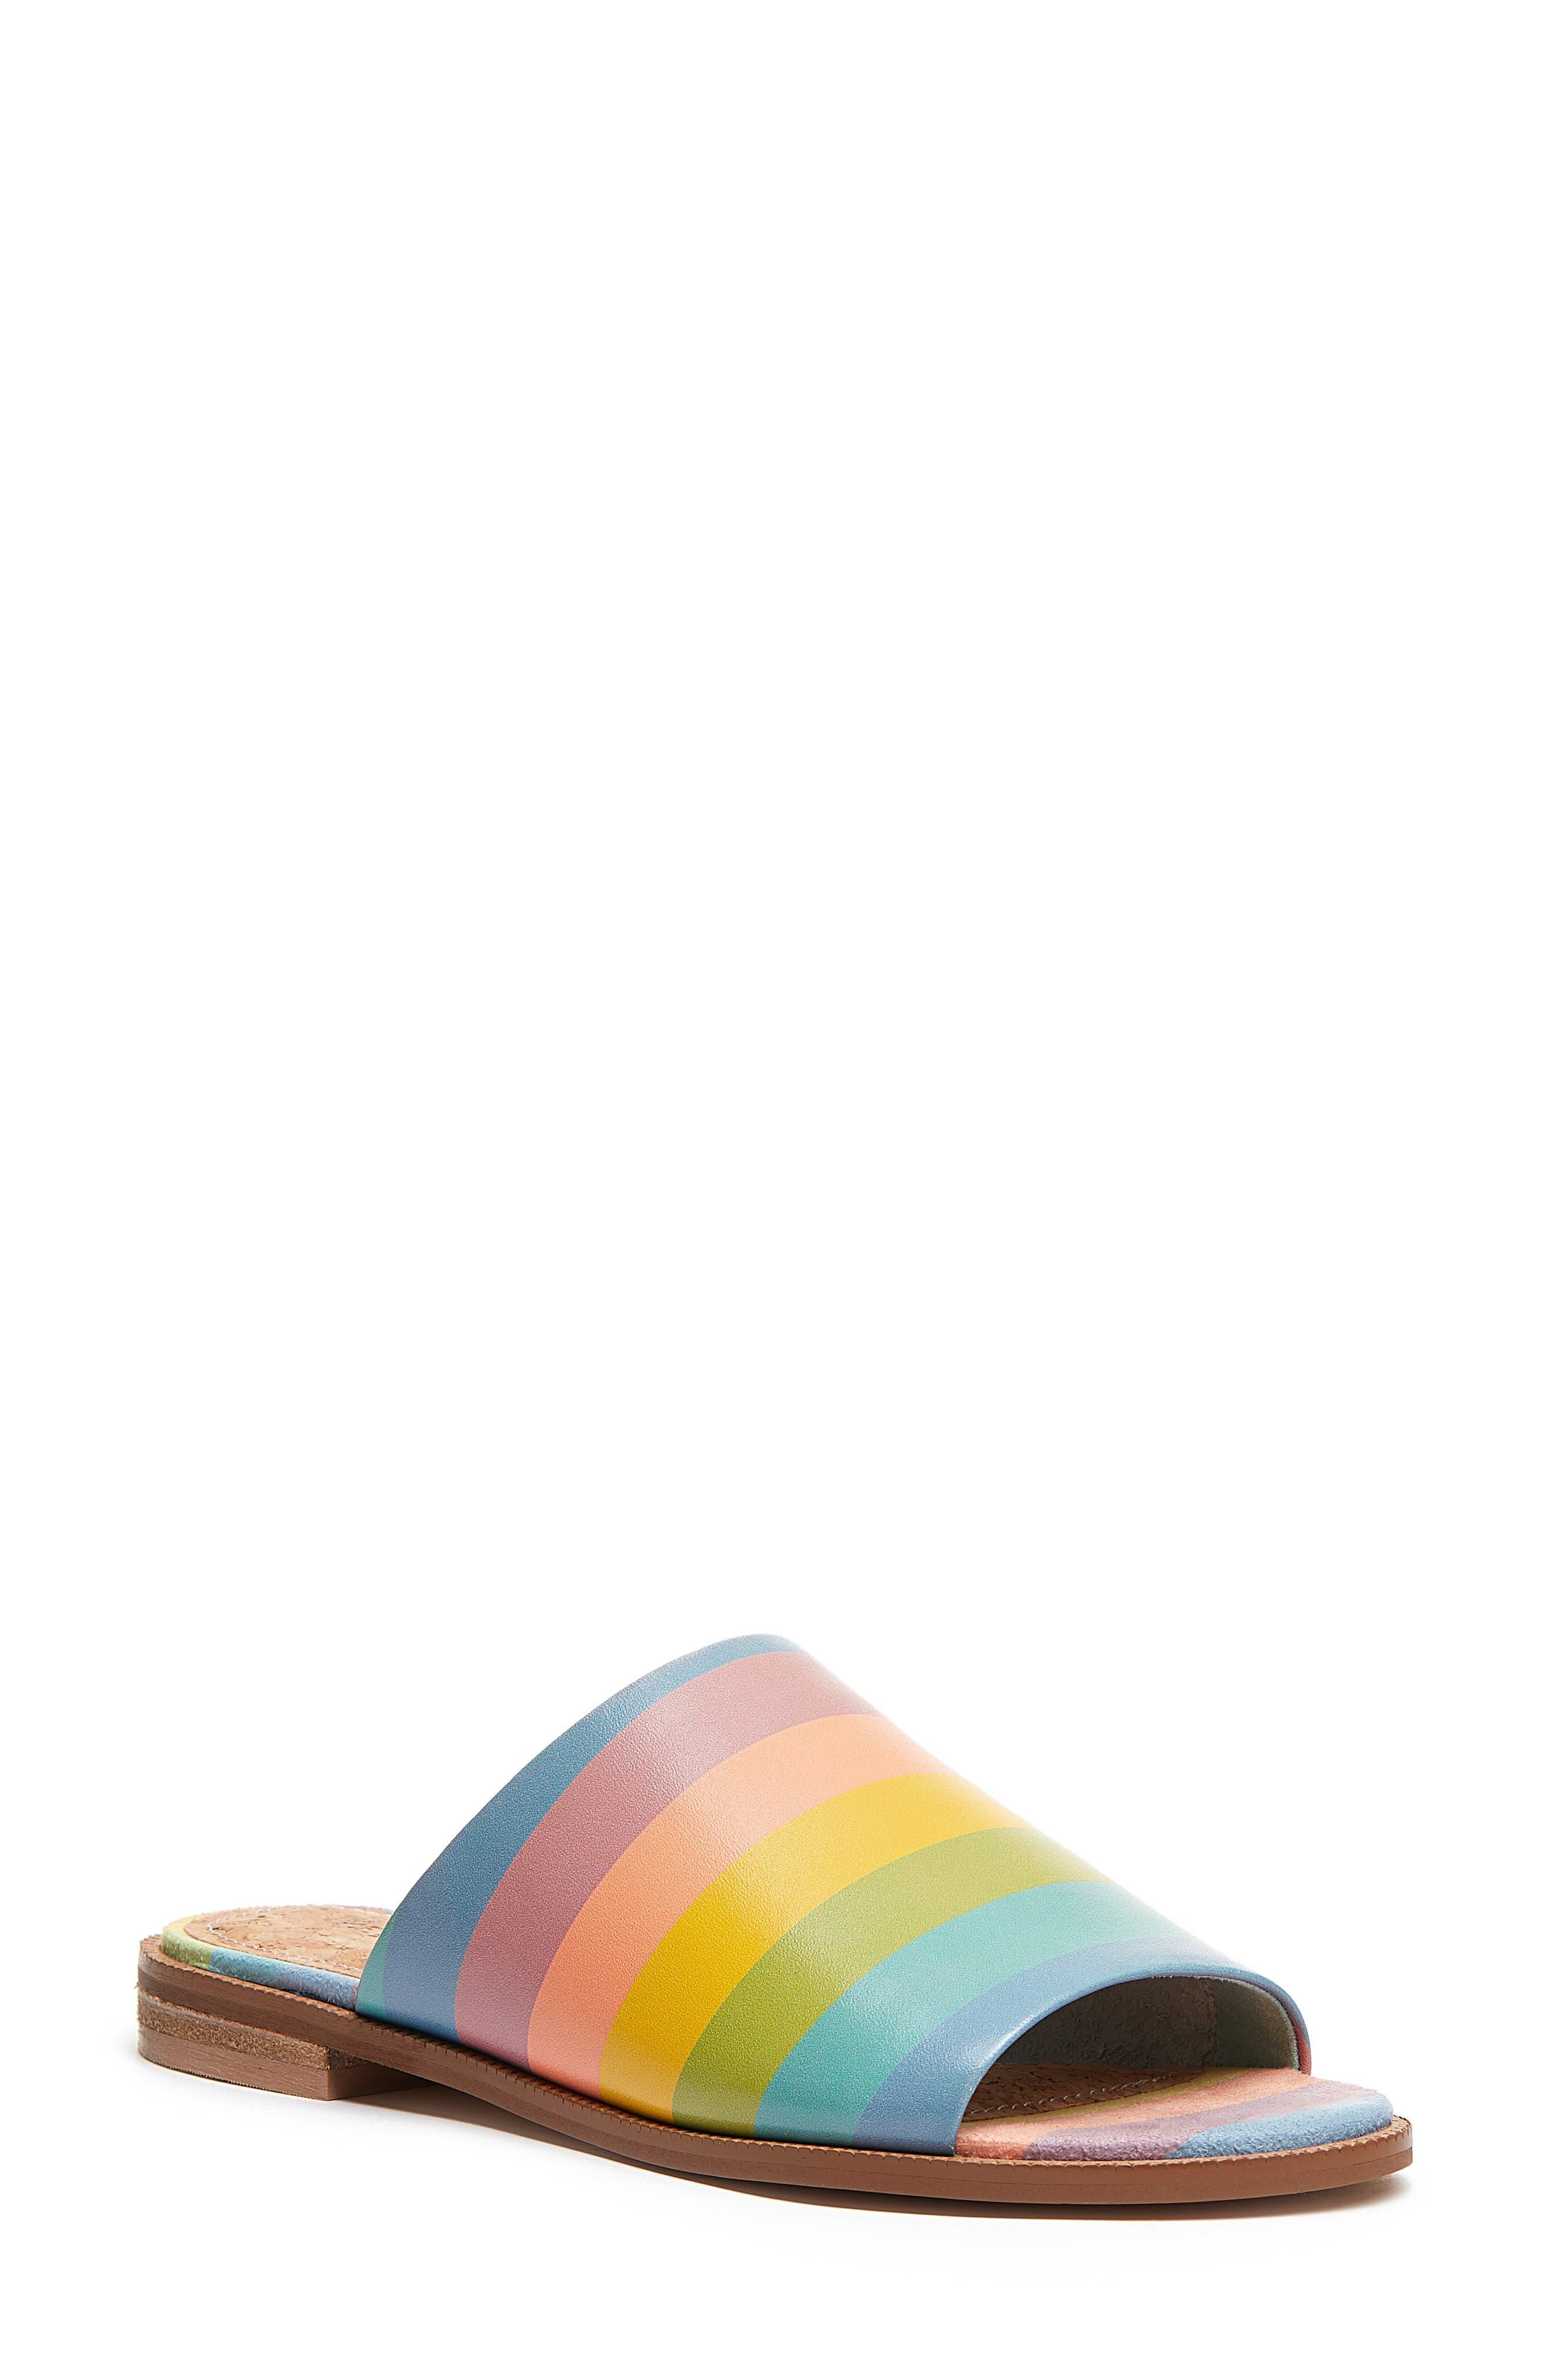 Ruthie Slide Sandal